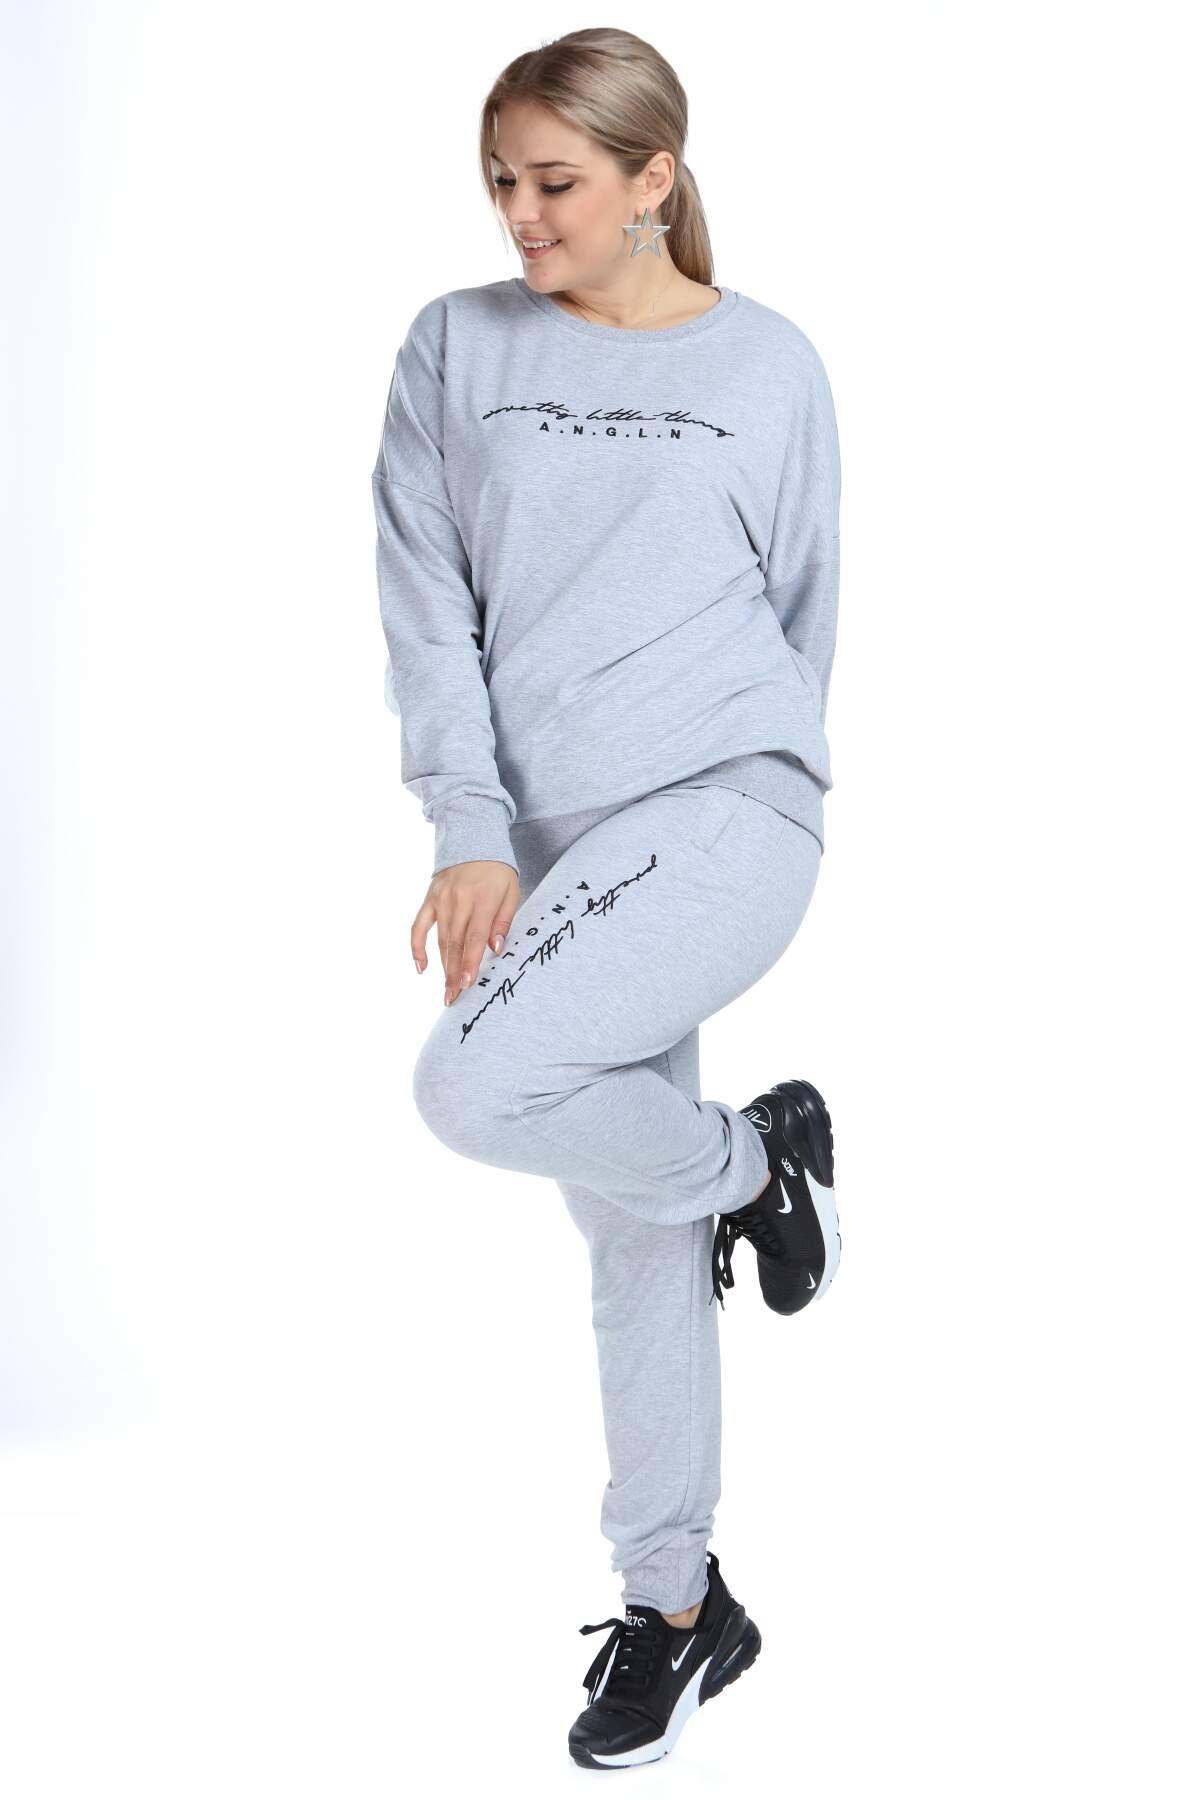 Angelino Büyük Beden Spor Giyim Eşofman Takım 2525